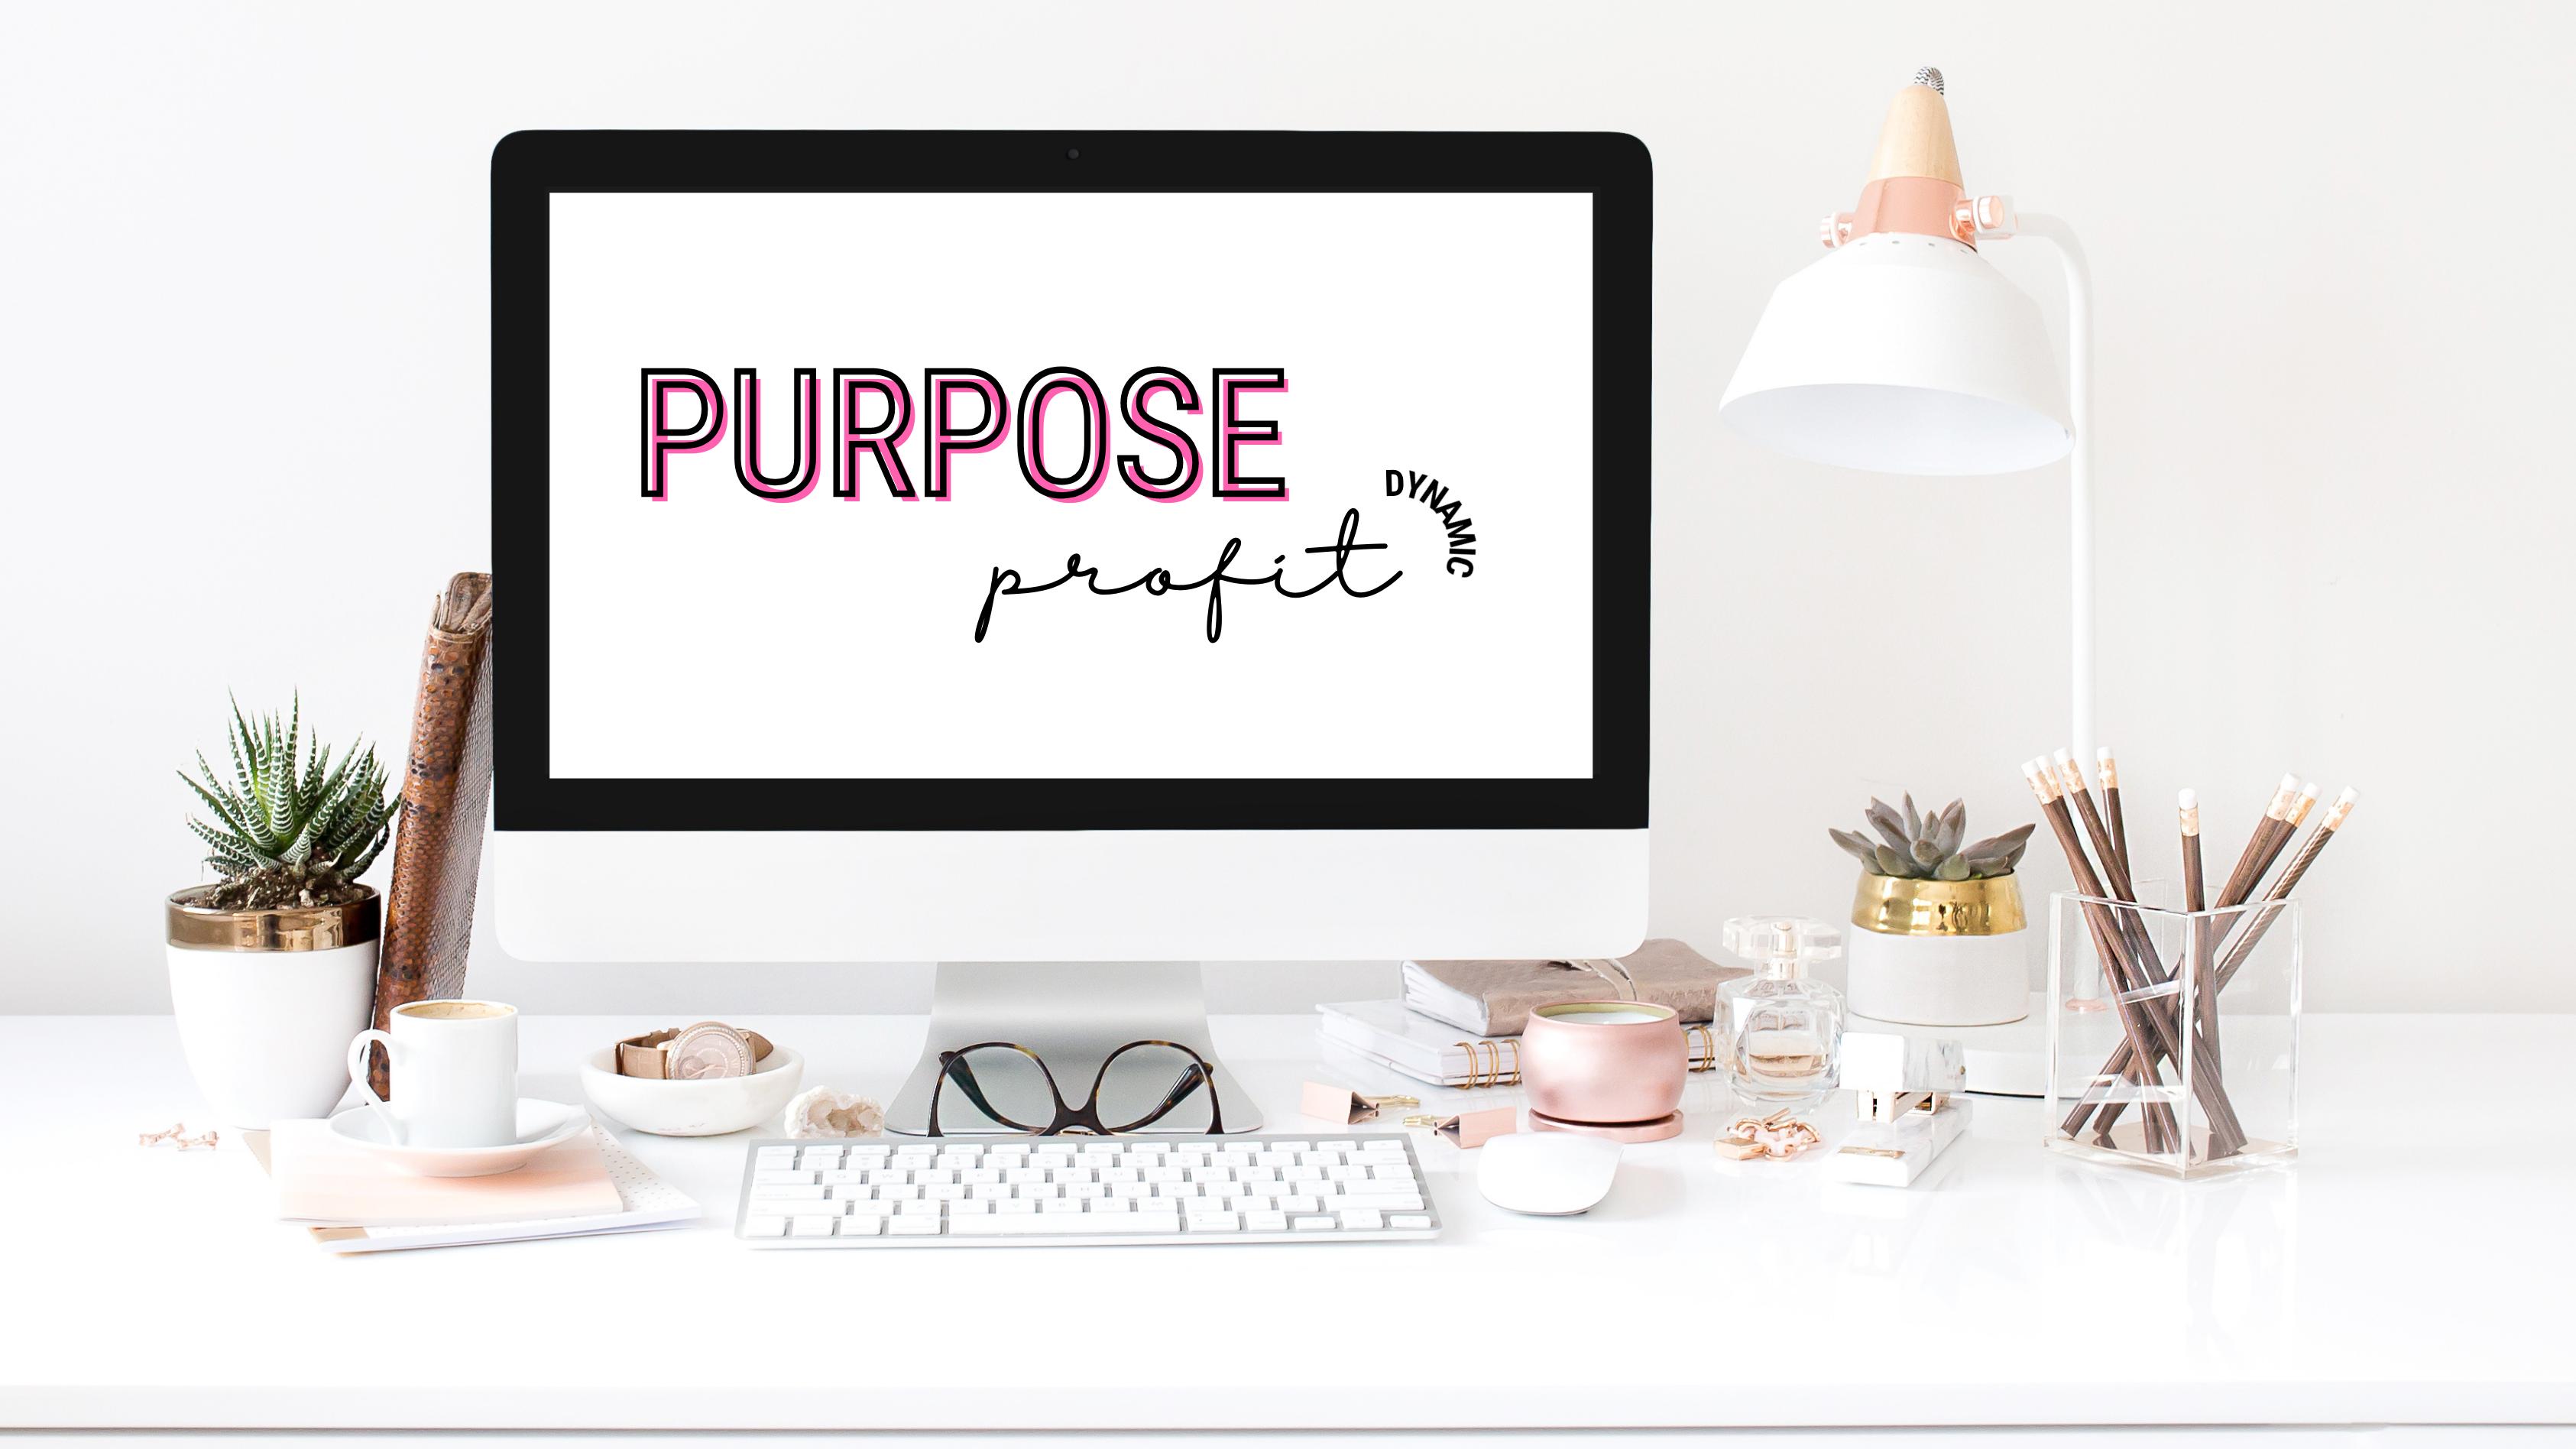 Purpose Profit Dynamic